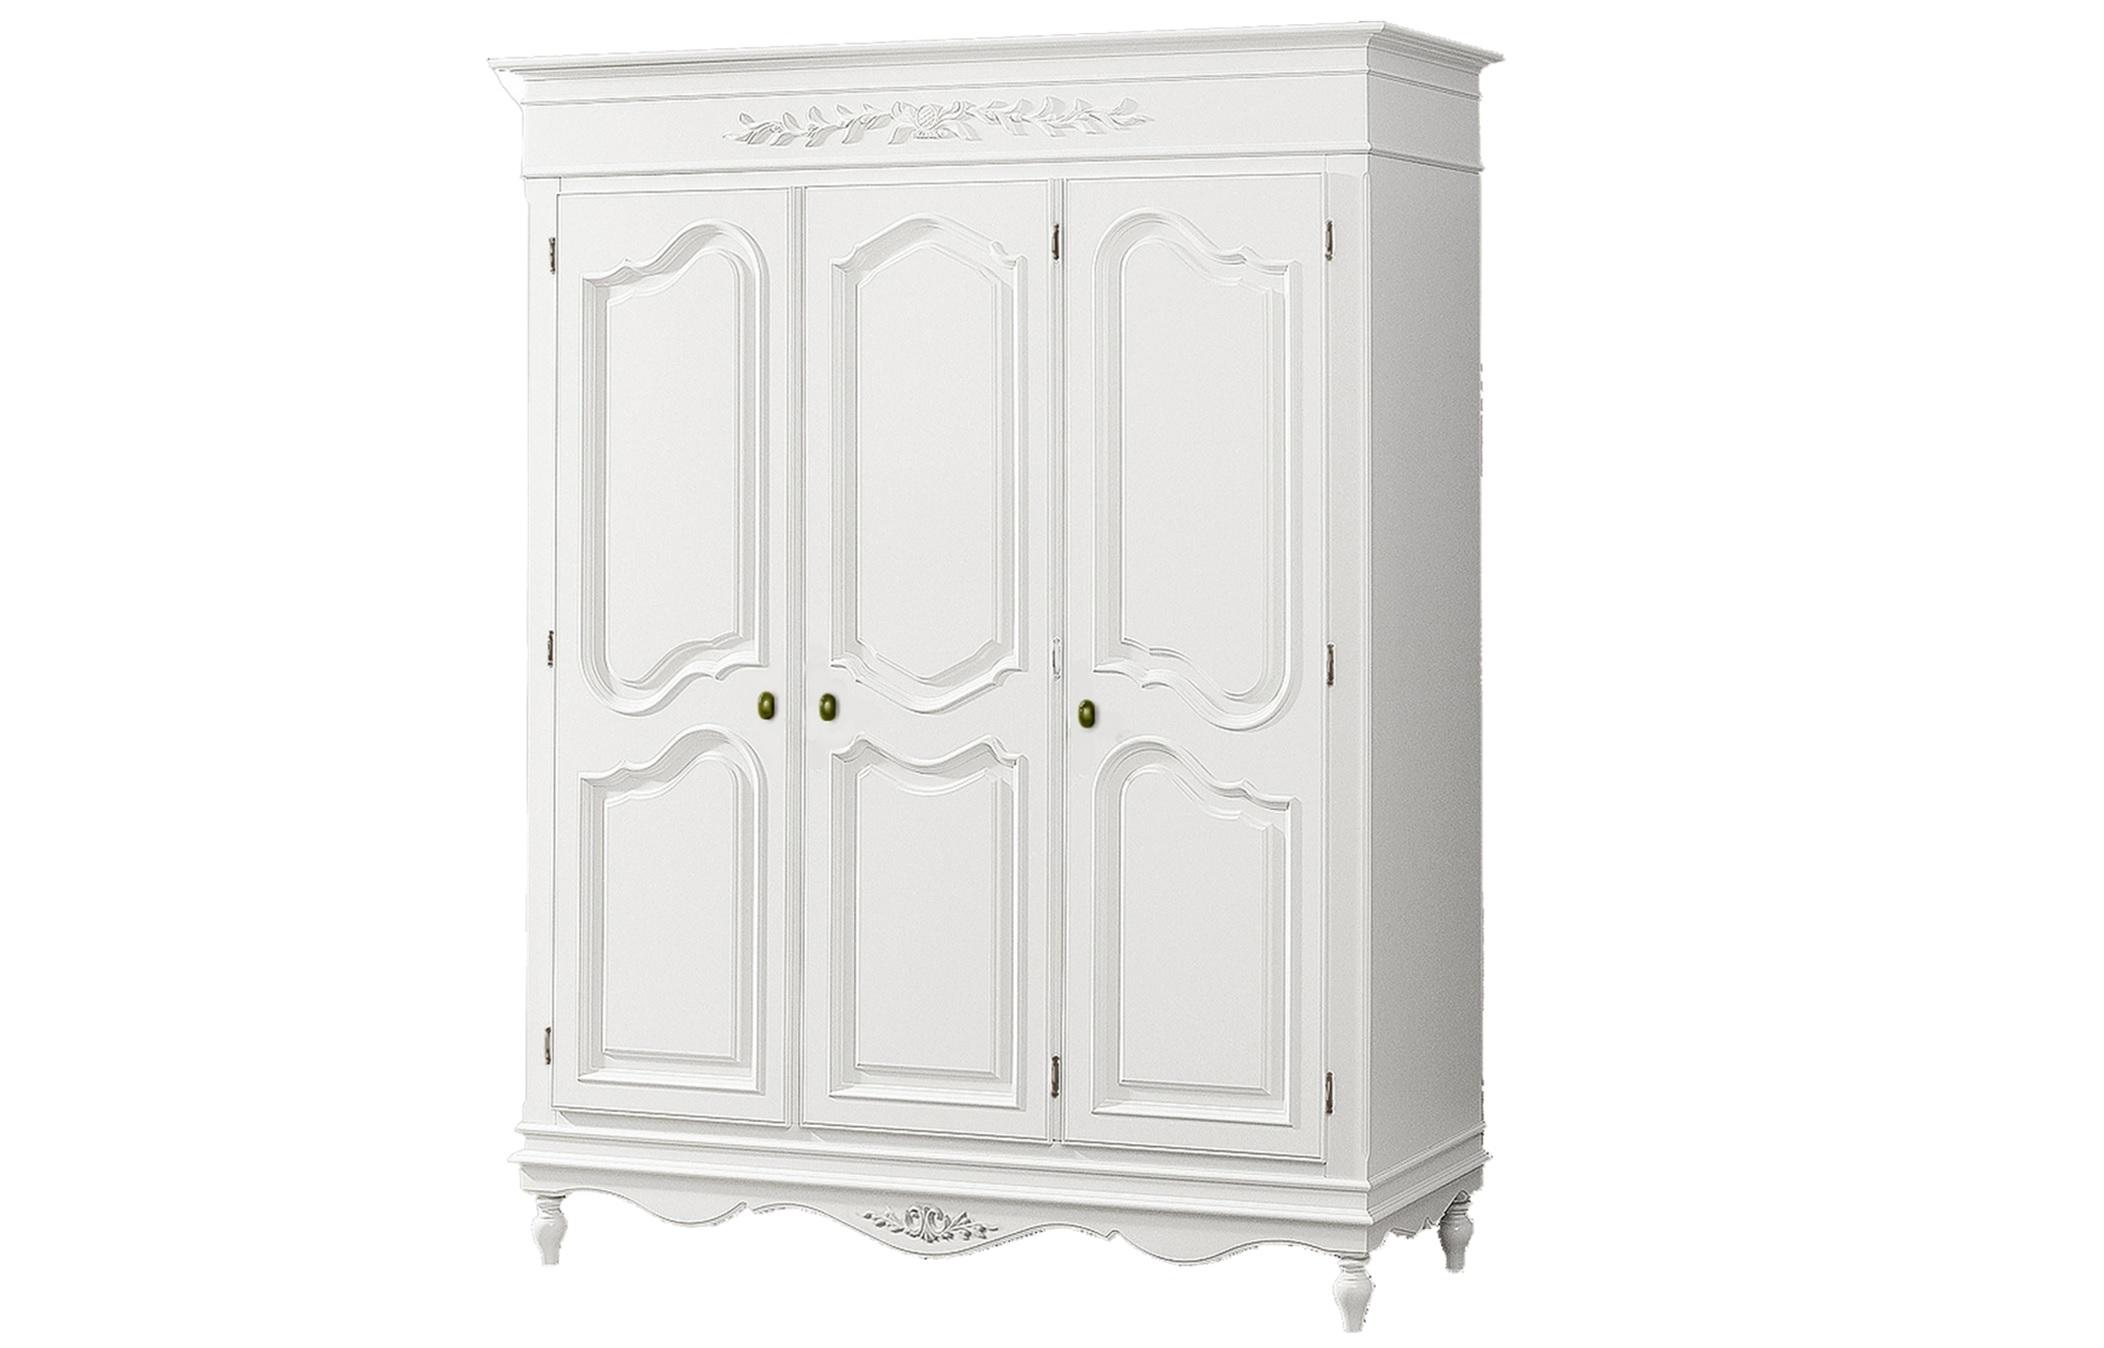 Шкаф трехстворчатый Снежный ПровансПлатяные шкафы<br>Белая мебель Прованс для гостиной, спальни, столовой, кабинета отлично впишется в Ваш загородный дом. Белая высококачественная мебель &amp;quot;Снежный Прованс&amp;quot; также может послужить в качестве обстановки детской комнаты подростка. Это функциональная удобная мебель европейского качества. Коллекция изготовлена из массива бука (каркасы и точеные элементы мебели) и из высококачественного МДФ (филенчатые части) и соответствует немецким стандартам для детской мебели.<br>Мебель &amp;quot;Снежный Прованс&amp;quot; имеет плавные изогнутые формы и украшена потертым вручную декором в виде оливковой ветви.<br><br>Material: Бук<br>Length см: None<br>Width см: 169.2<br>Depth см: 61.2<br>Height см: 206.8<br>Diameter см: None